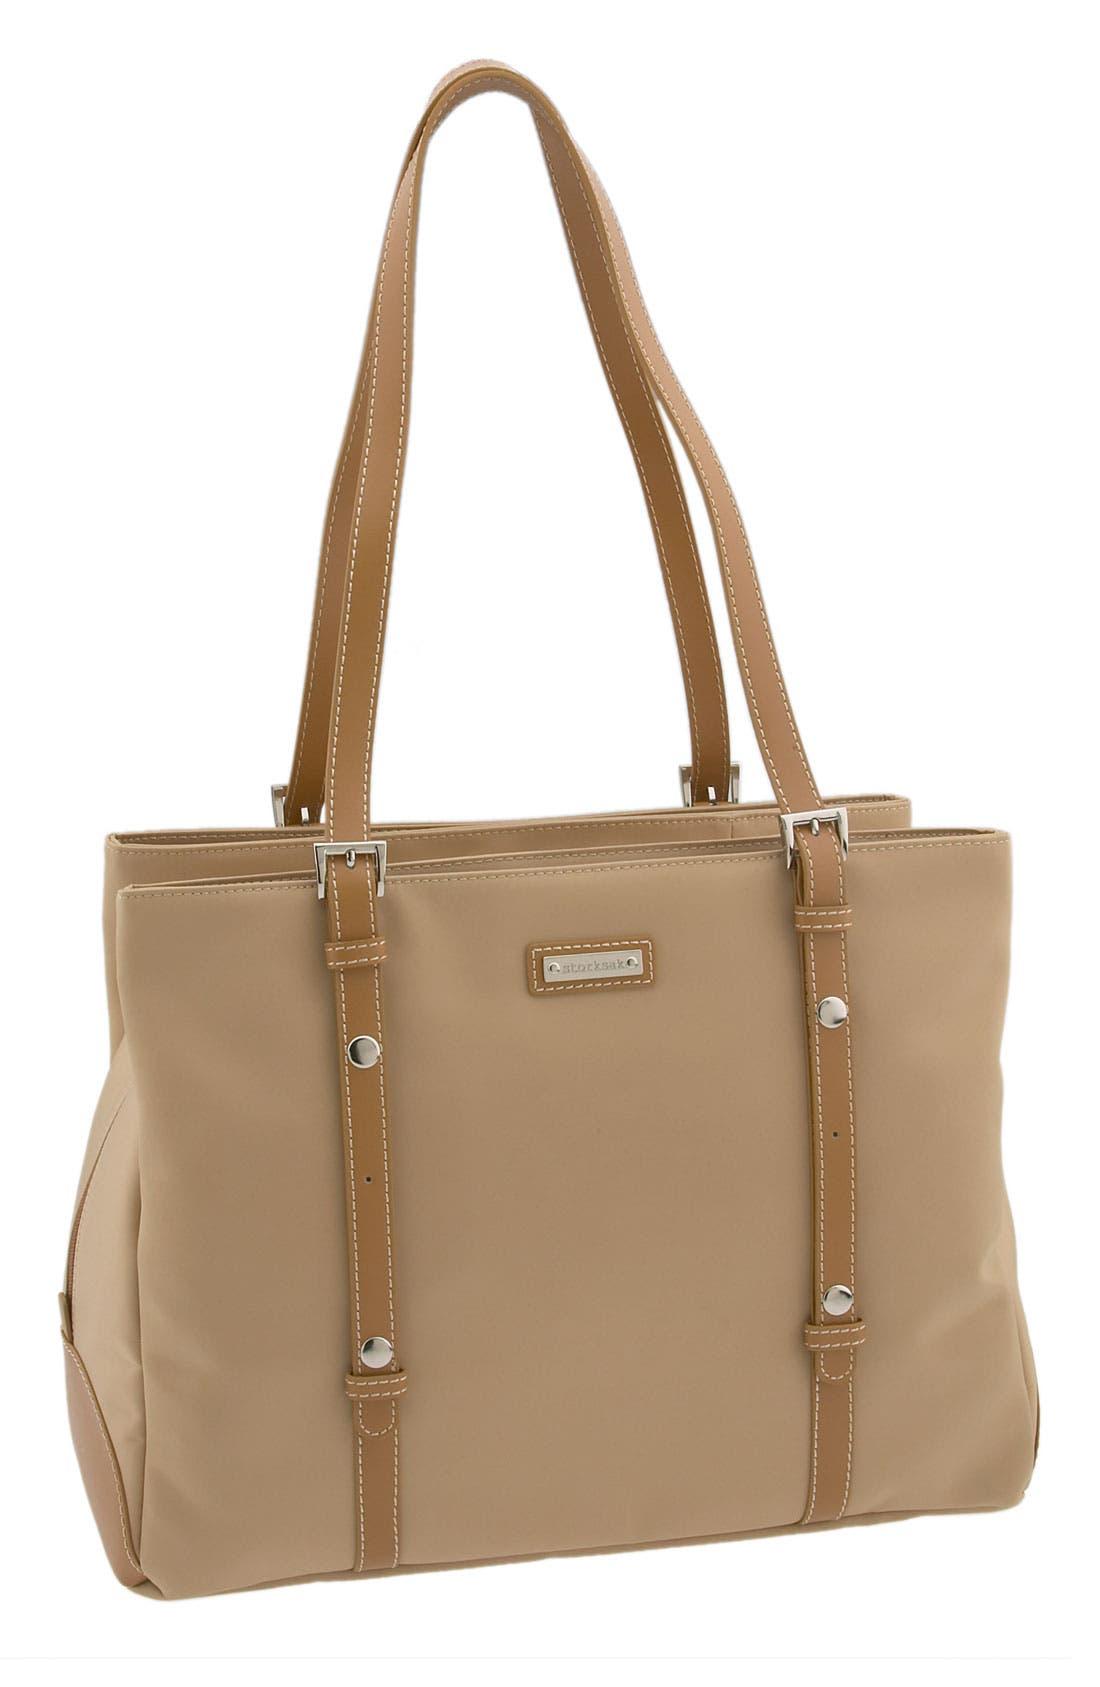 STORKSAK 'Gigi' Diaper Bag, Main, color, 251